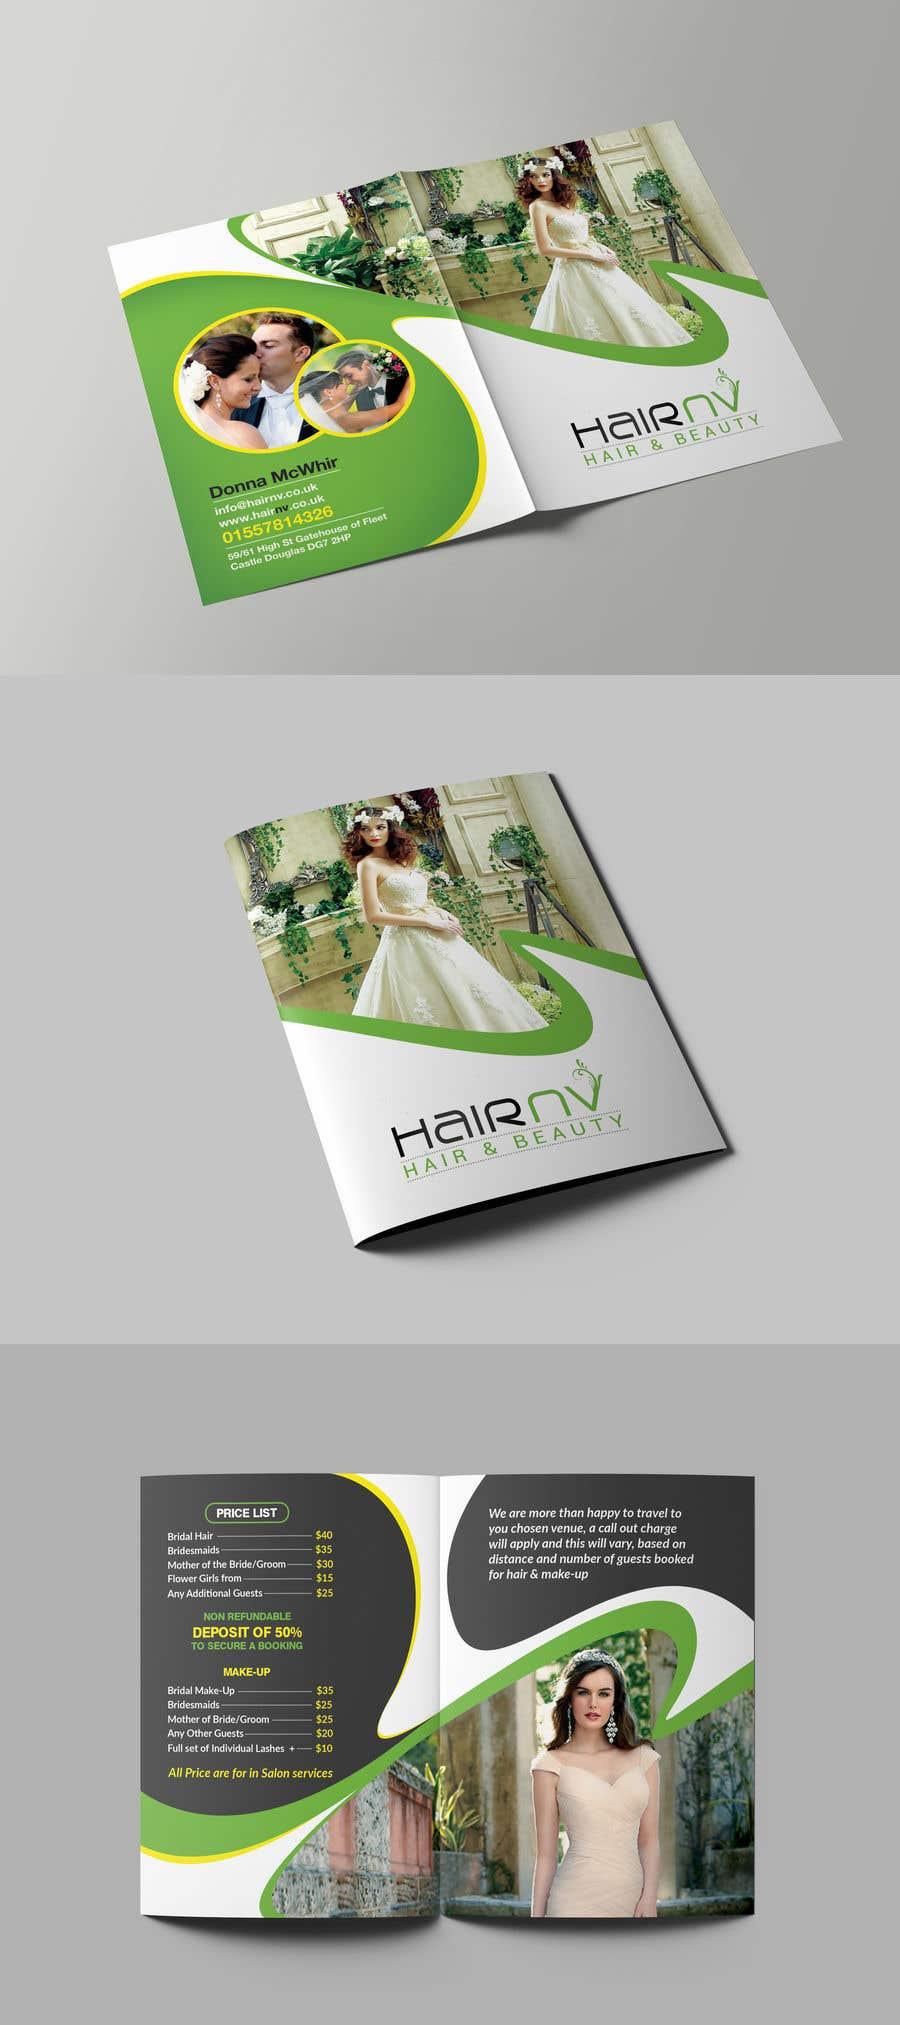 Kilpailutyö #15 kilpailussa Design a Mini Brochure